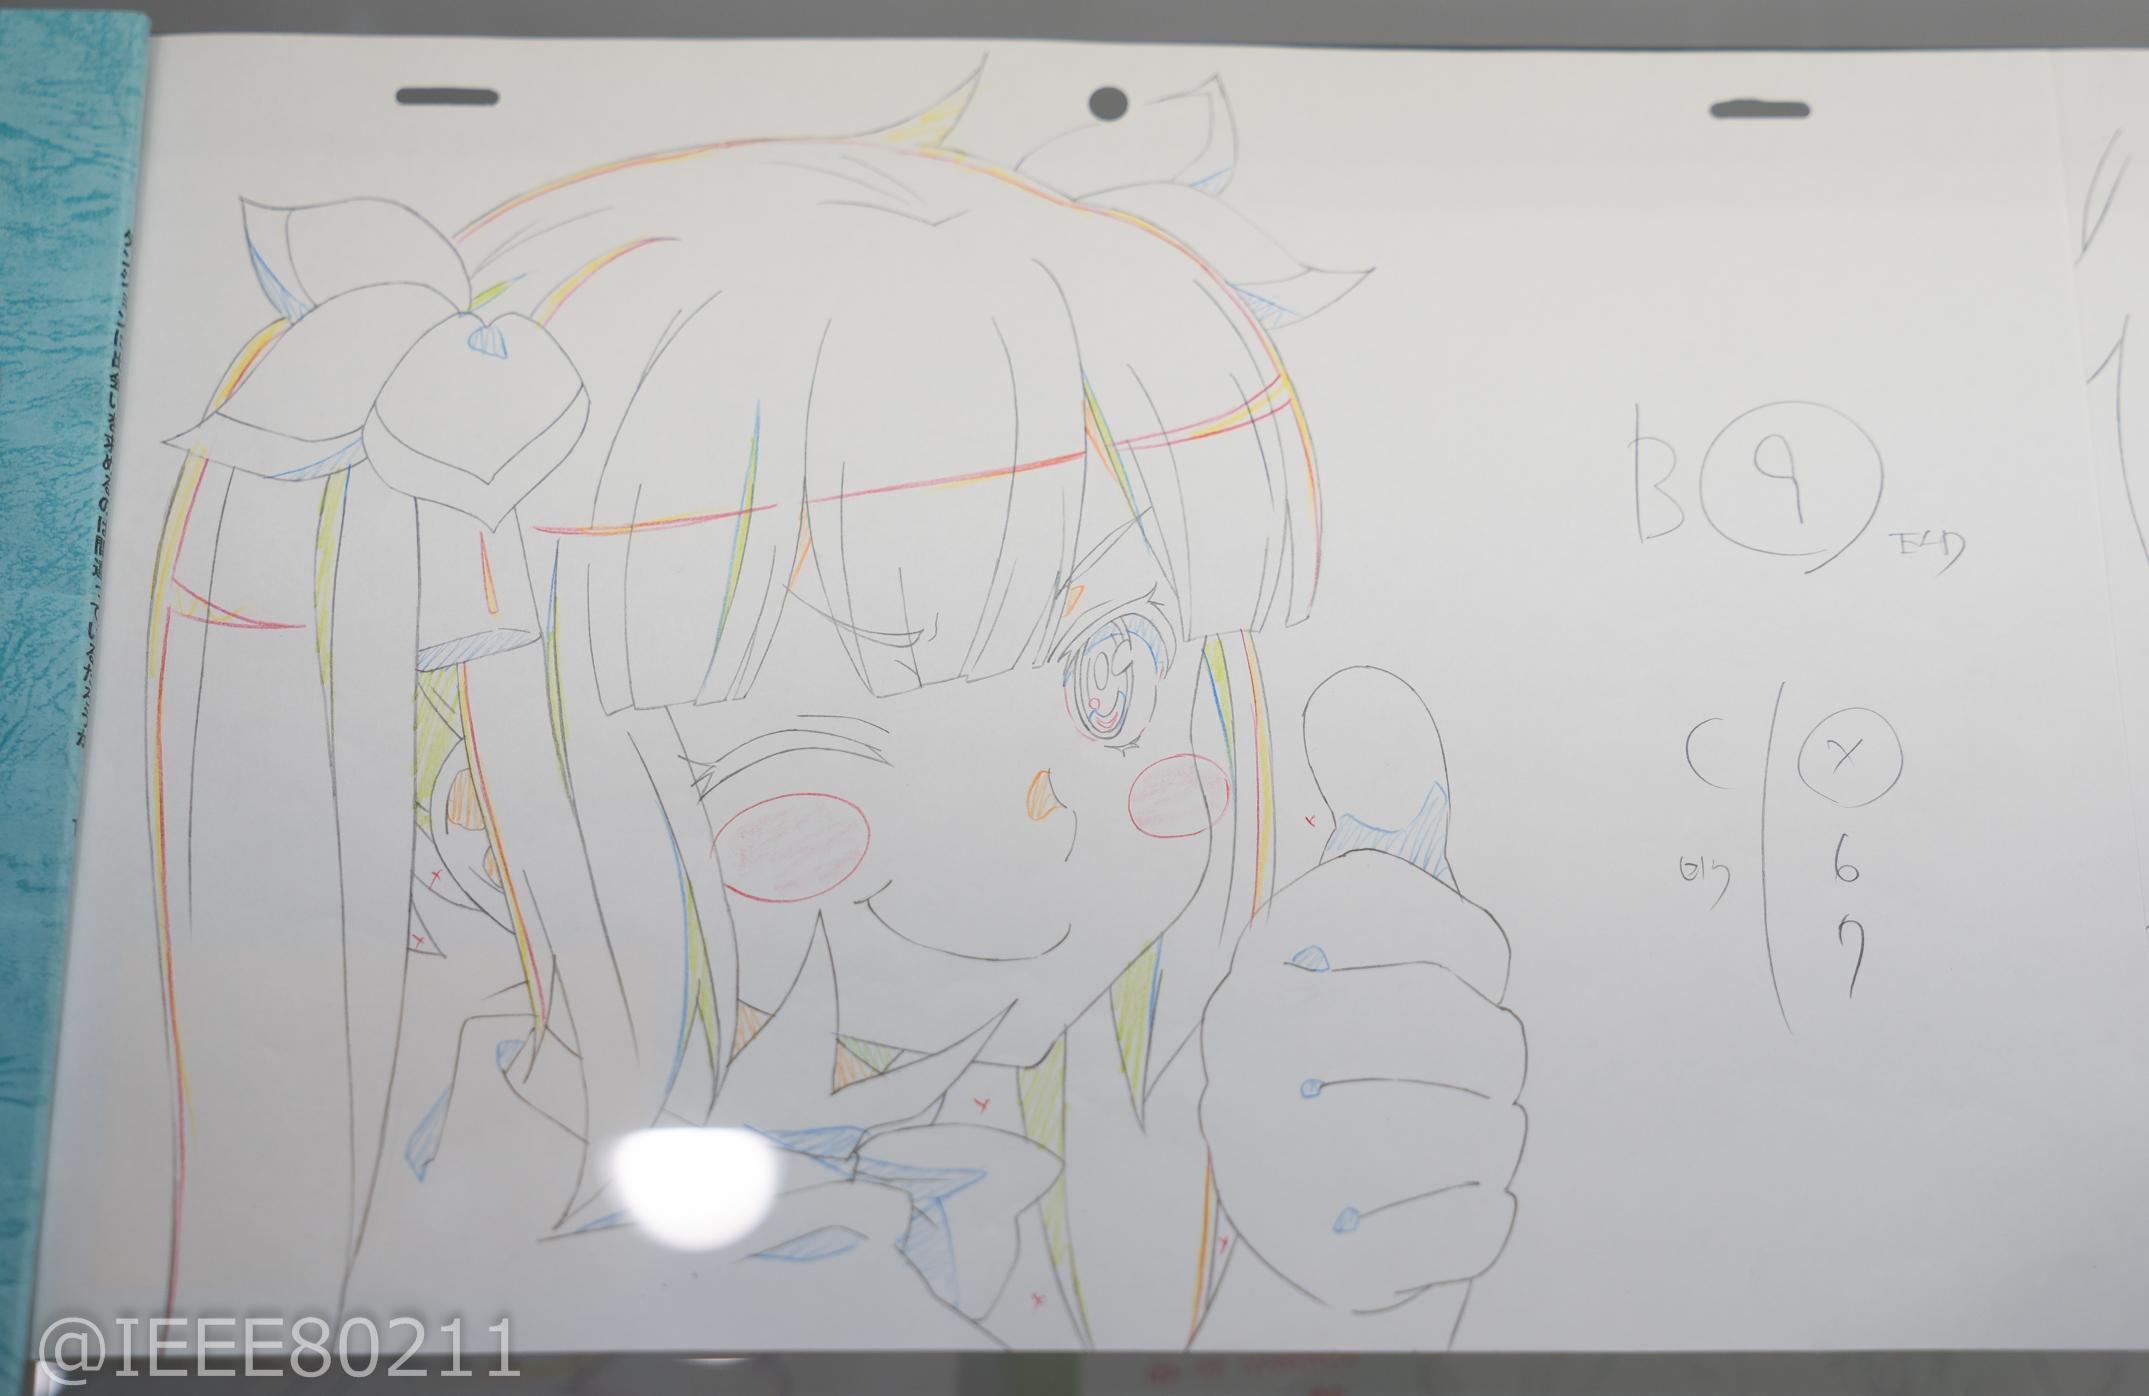 Dungeon ni Deai wo Motomeru no wa Machigatteiru Darou ka Danmachi Exhibition in Akiba Previewed 006